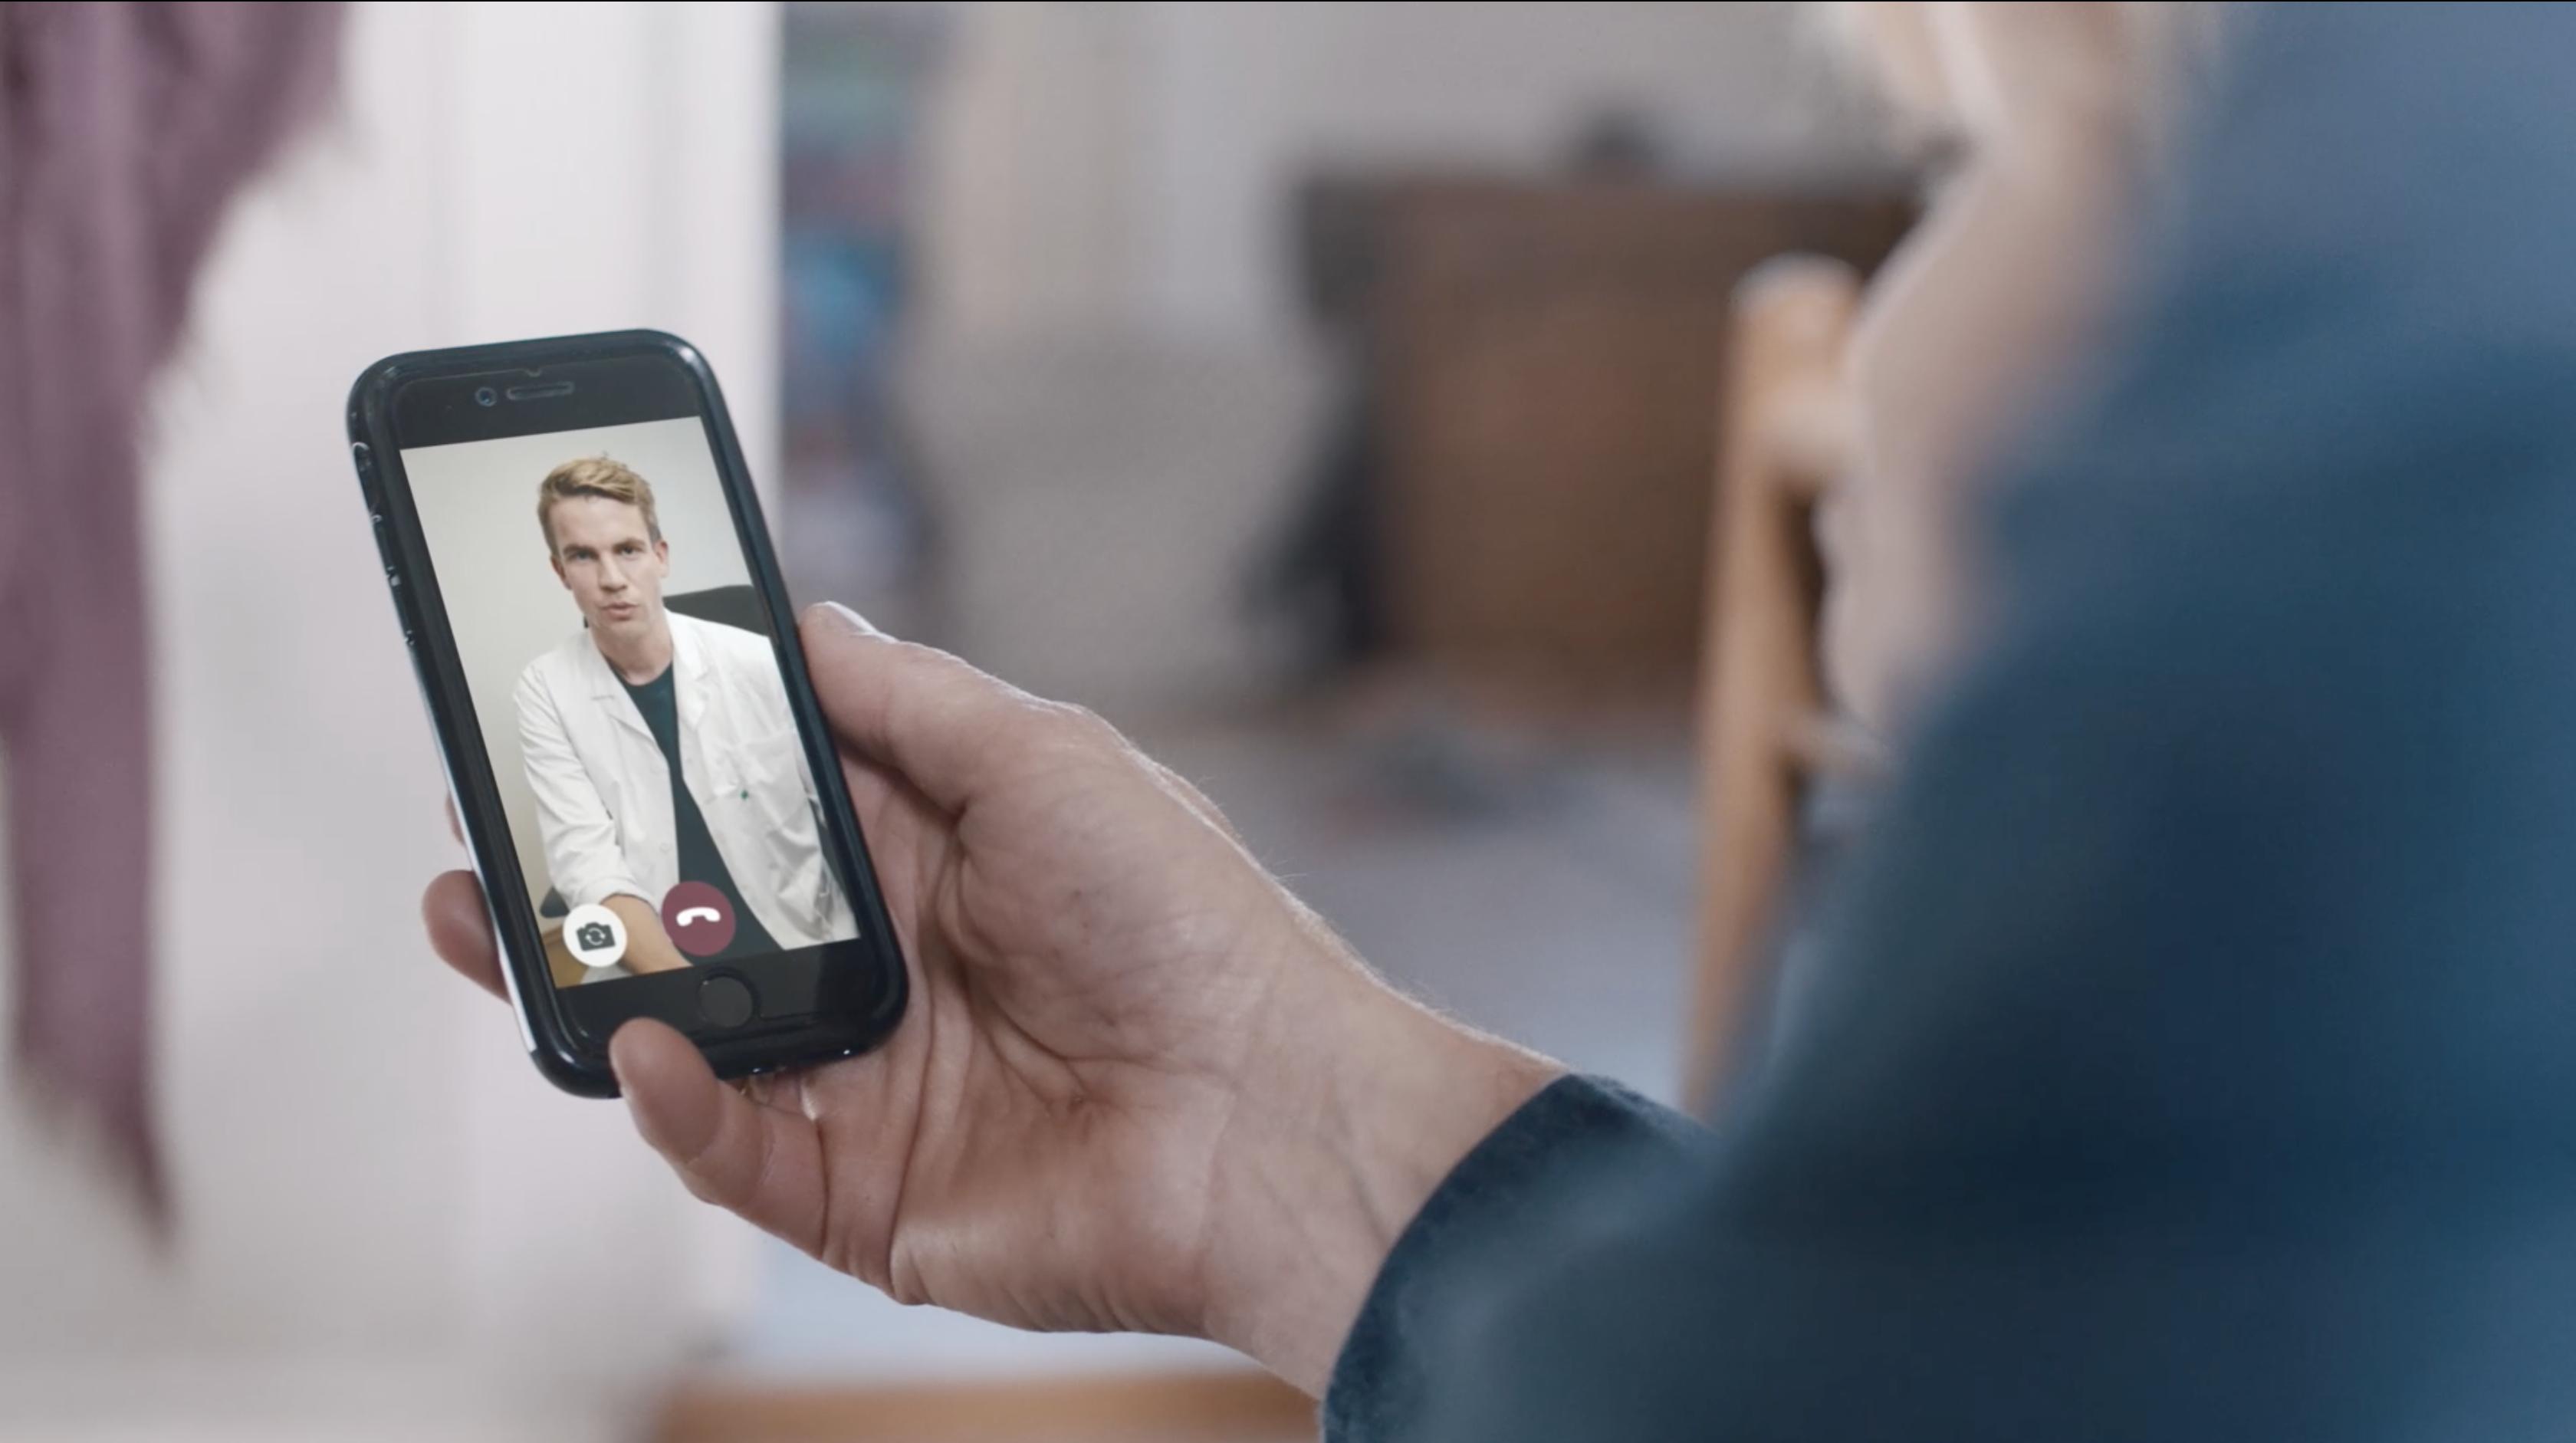 Europæiske ERV tilbyder nu videokonsultation med danske læger for rejseforsikringskunder på ferie i udlandet. PR-foto fra Europæiske ERV.